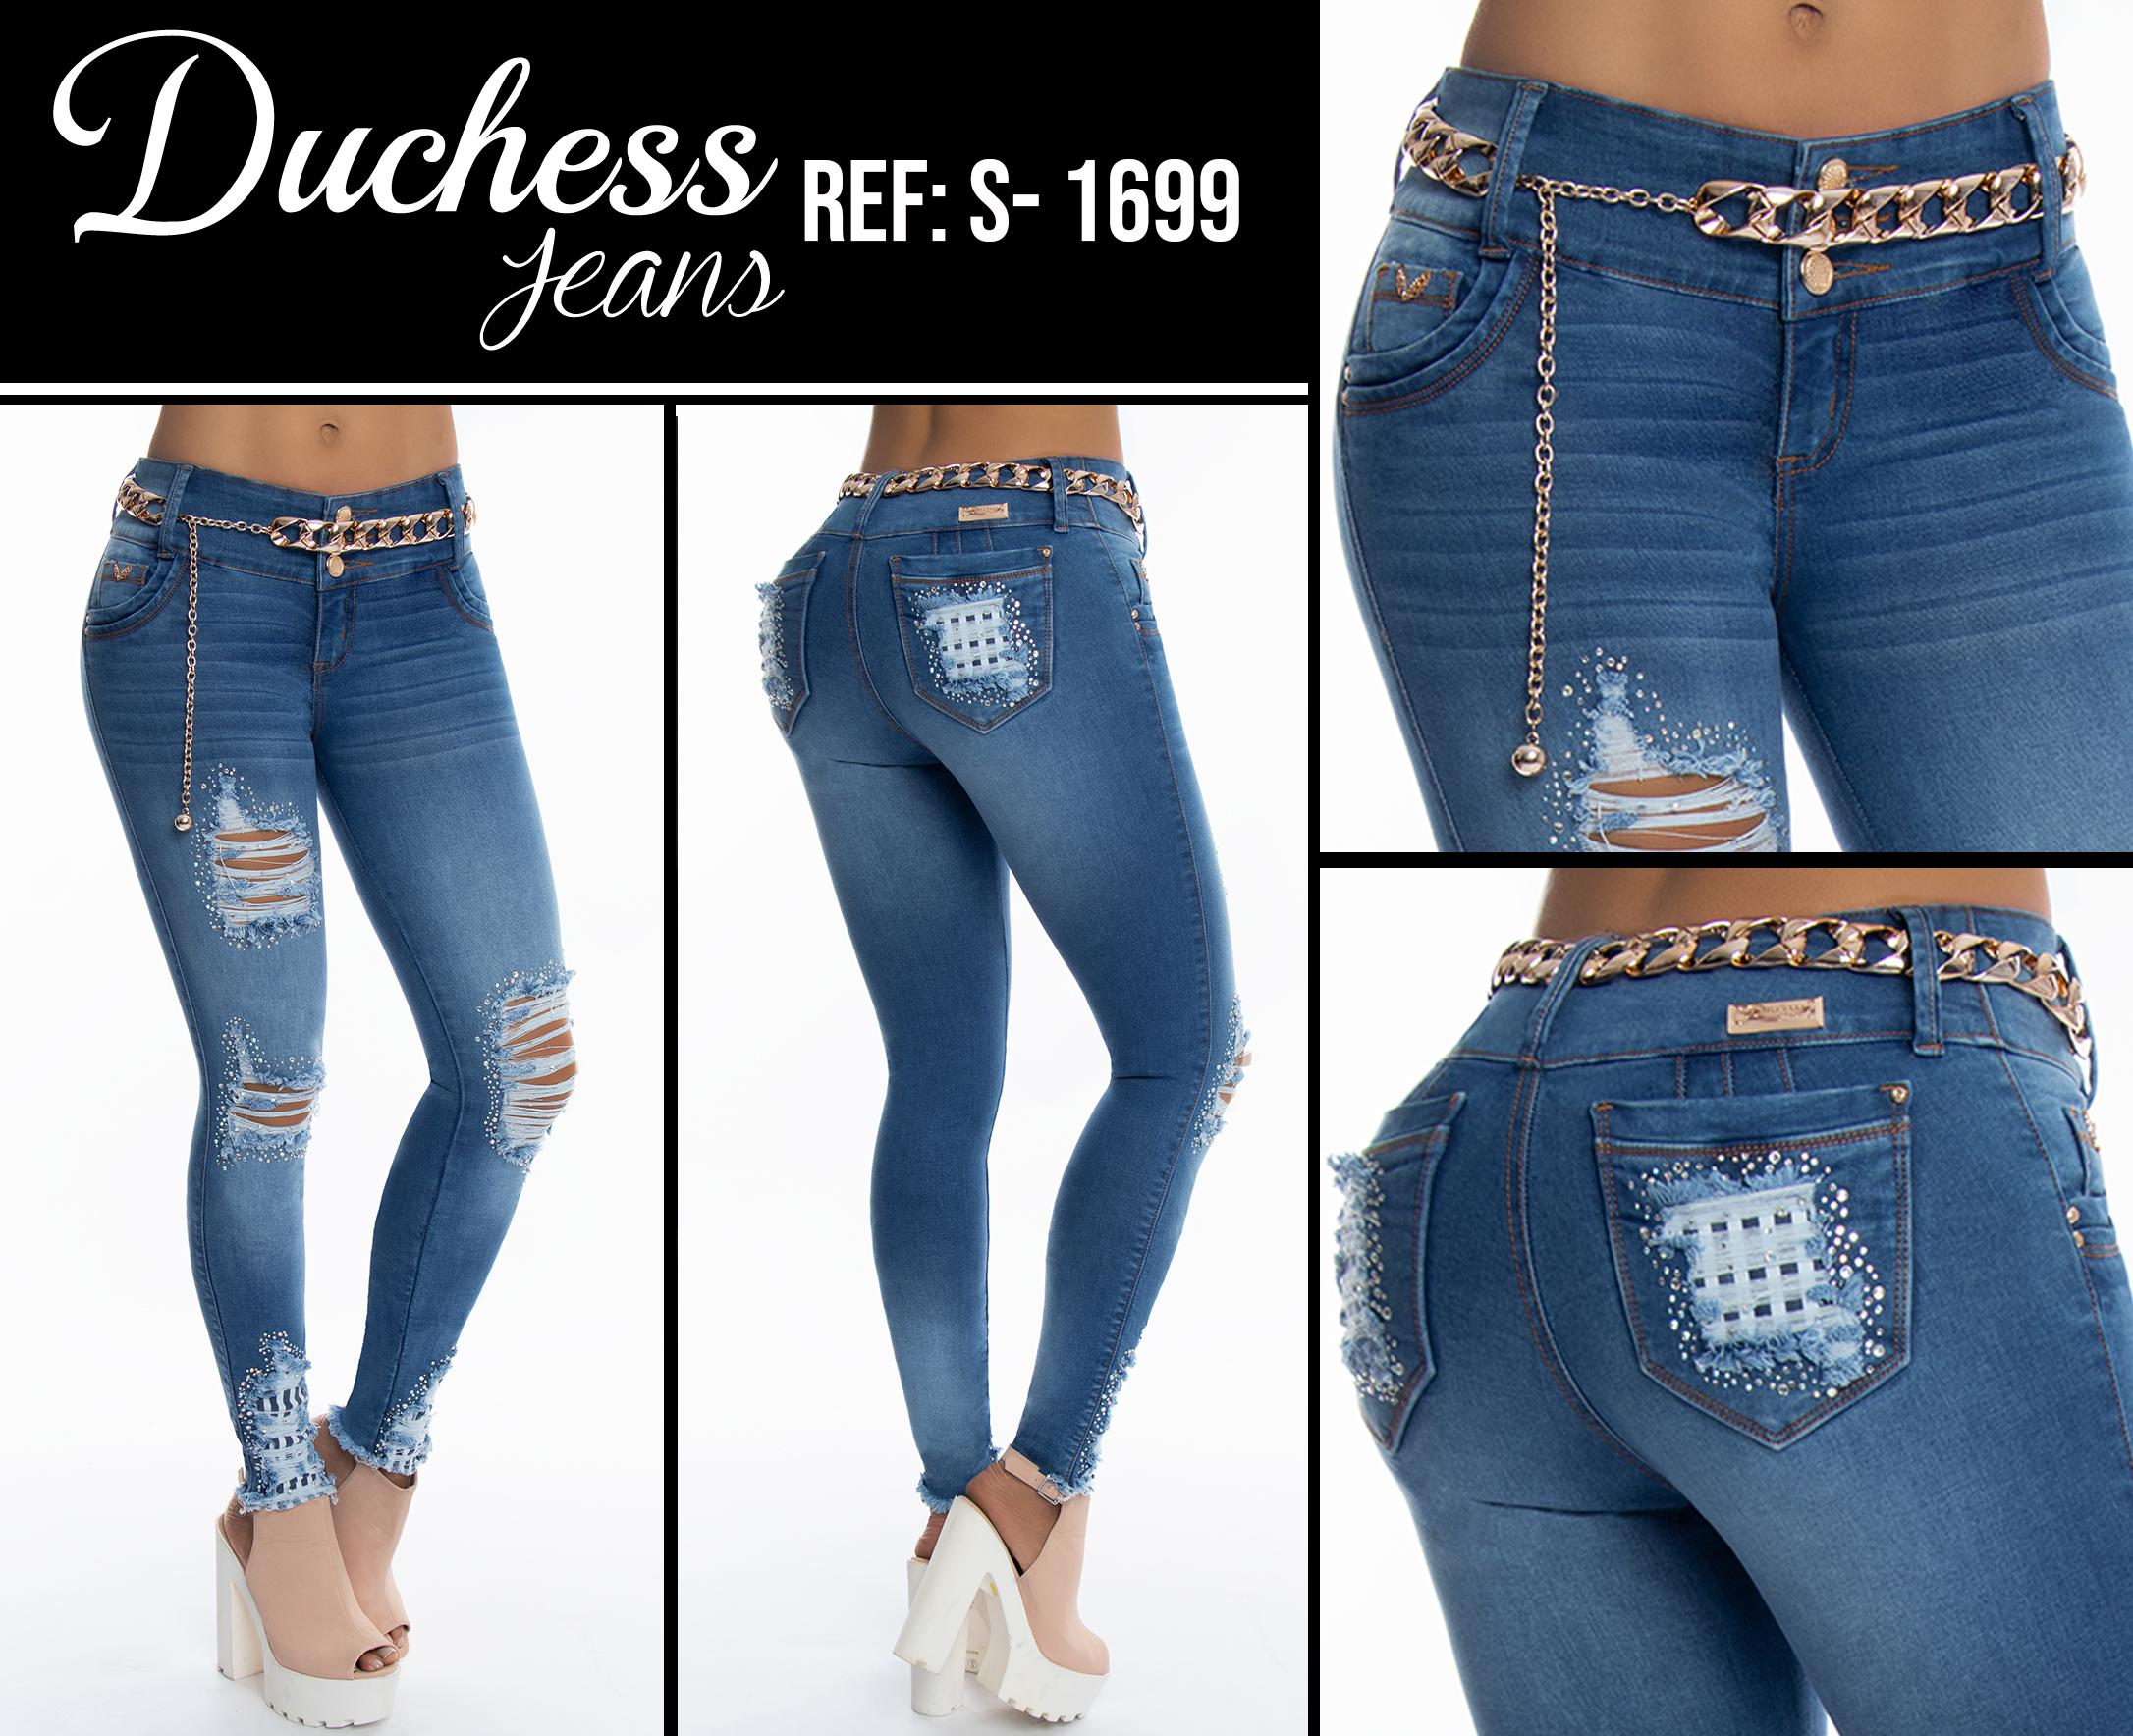 Pantalón Jean para Dama Con Bolsillos Traseros, Destroyer, Decoración en la bota y bigotes.